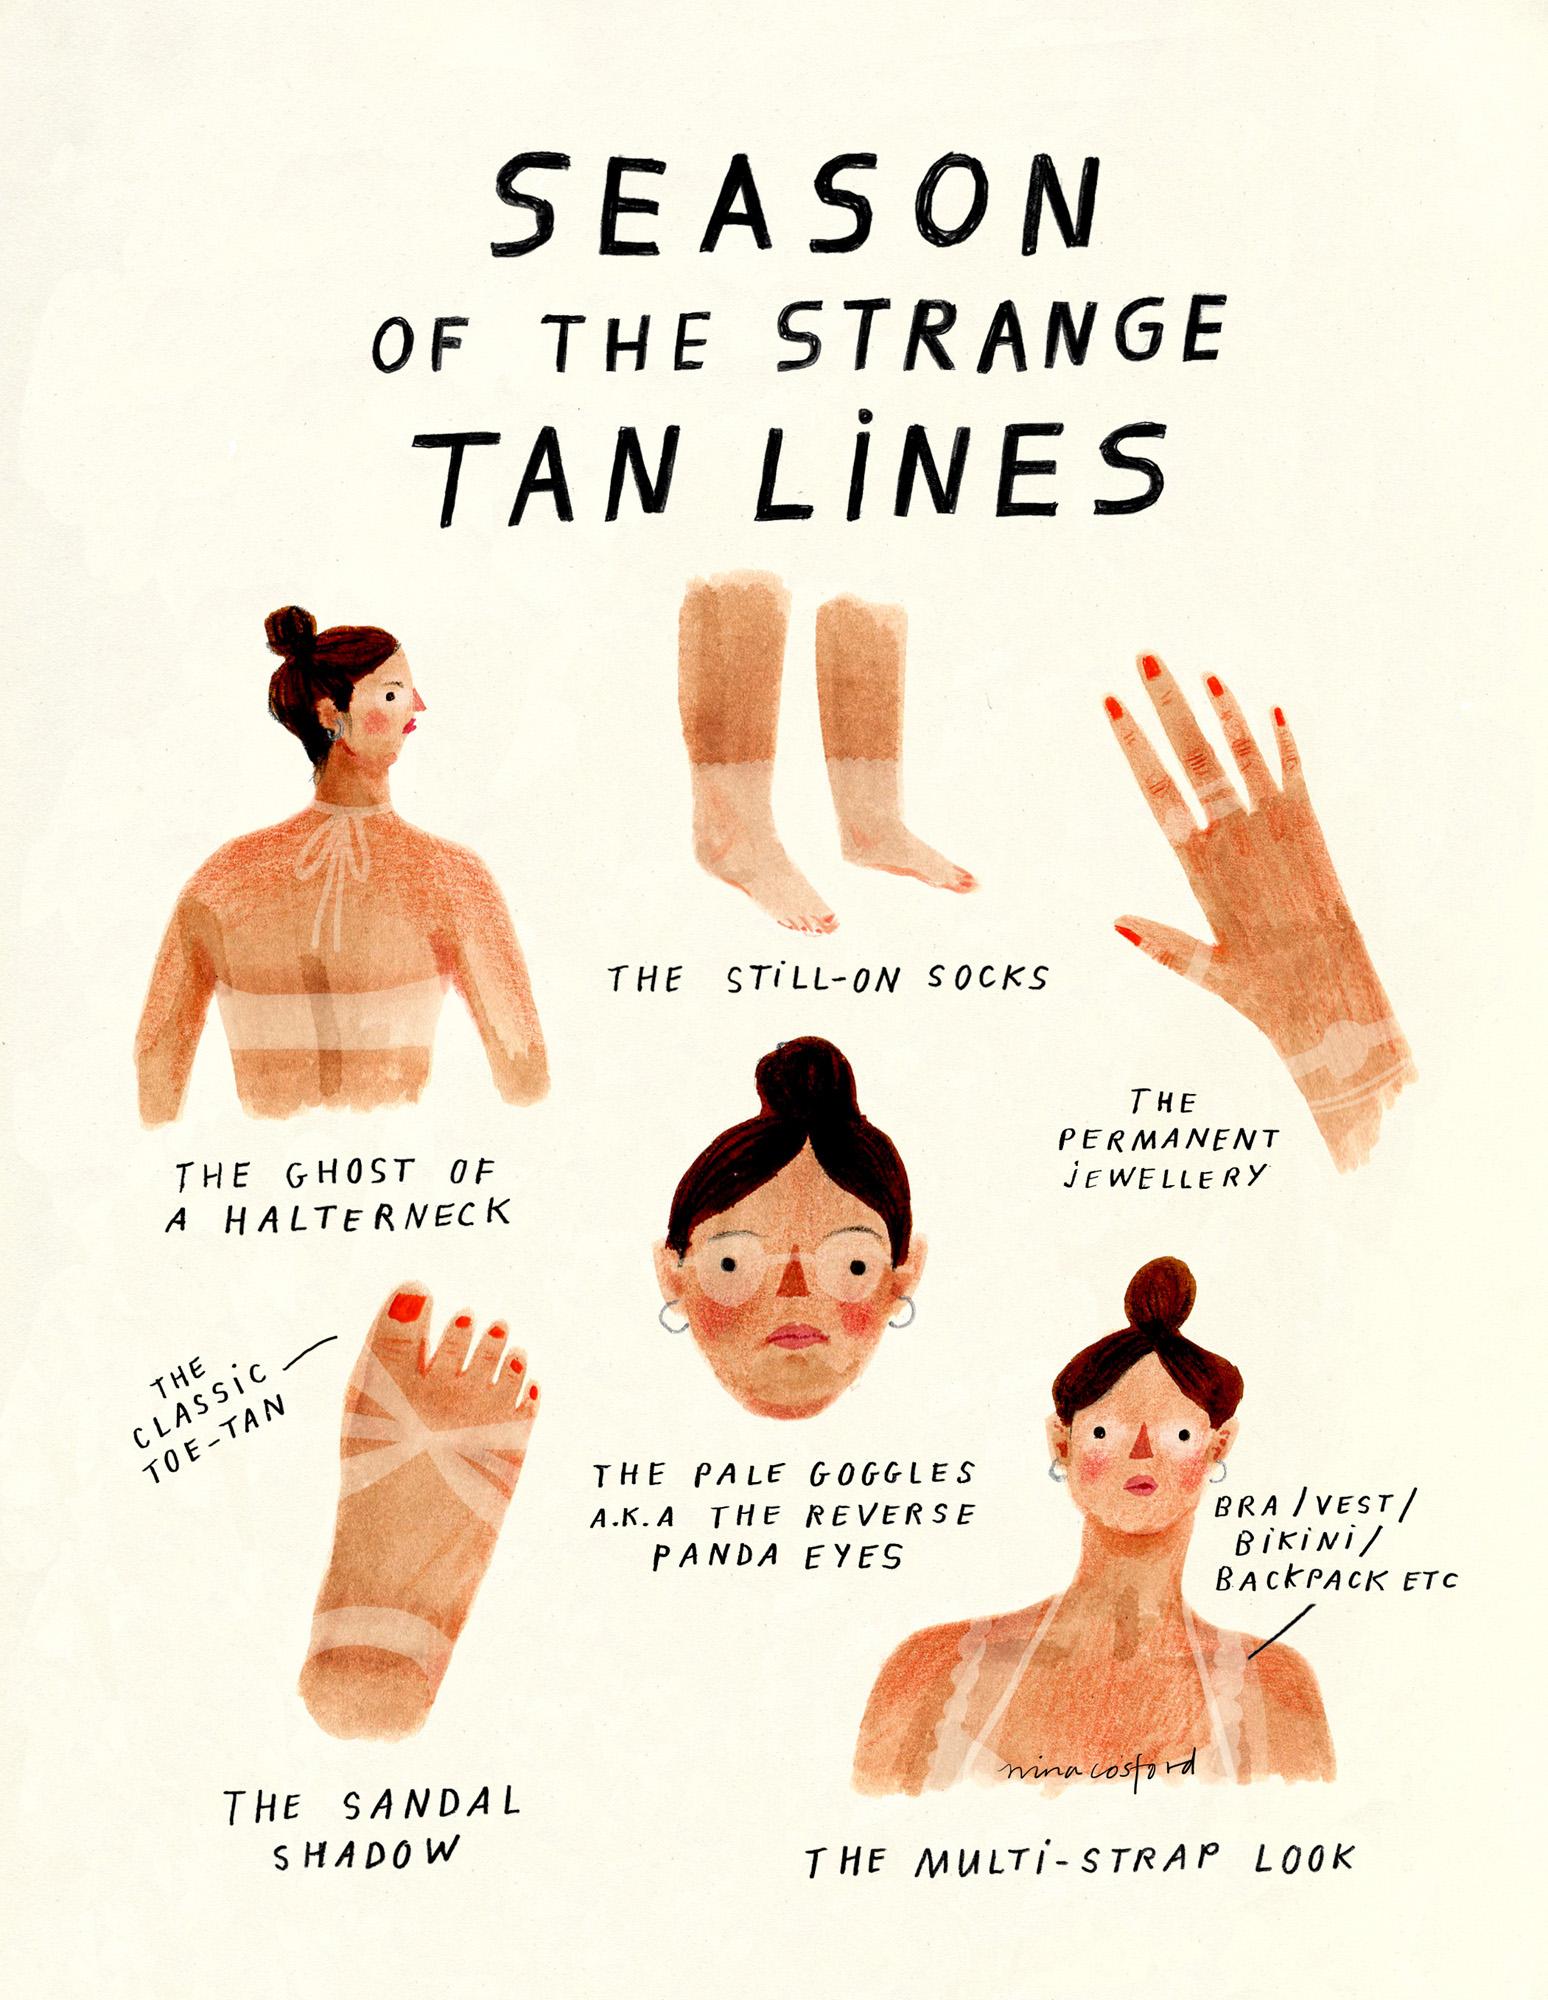 SEASON OF STRANGE TAN LINES